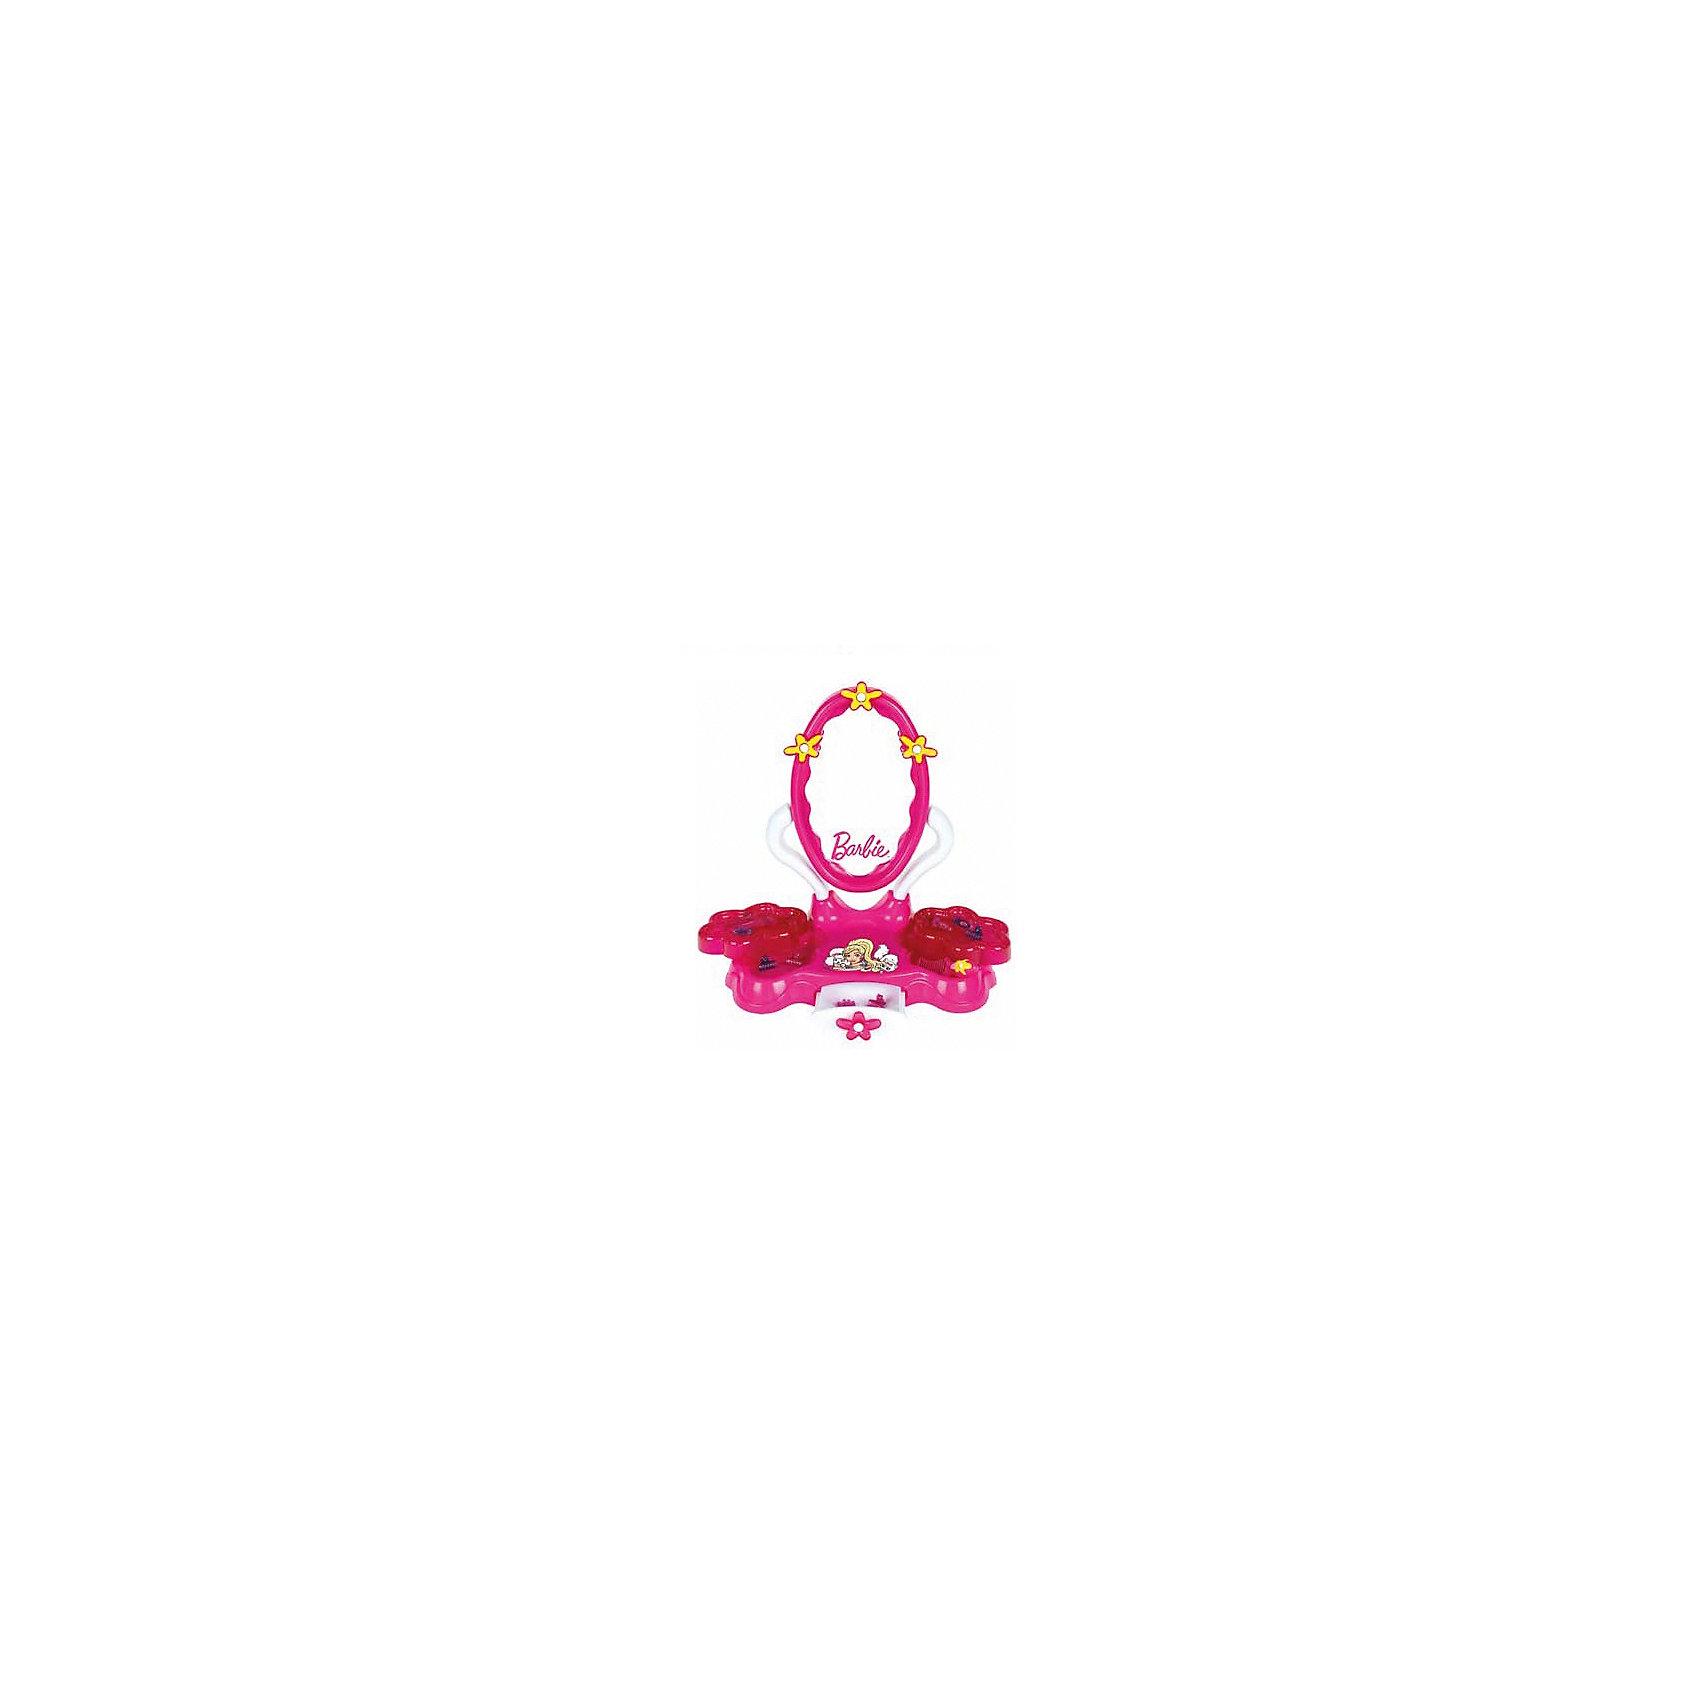 Игровой набор Студия красоты, Barbie, KleinИгровой набор Студия красоты, Barbie (Барби) от популярного немецкого бренда игрушек для детей Klein (Кляйн) станет отличным дополнением к играм в салон красоты. Стильный футлярчик розового цвета включает в себя все основные предметы каждой красавицы. В набор включены расческа-щетка, расческа гребень, небольшое зеркальце с розовой ручкой, две заколочки и два пузырька. Футляр удобно ставить на стол, так как у него имеются функциональные ножи, красивая застежка-бантик и нарисованная куколка-модника придут по вкусу хозяйке кукол и она захочет поскорее создать новый дизайн своим подопечным. В разложенном виде размер футляра 30 см. Игрушка поможет развить воображение и моторику рук.   <br>Дополнительная информация:<br><br>- В комплект входит: футляр, расческа-щетка, расческа гребень, маленькое зеркальце с розовой ручкой, две заколочки и два флакончика<br>- Состав: пластик<br>- Параметры: 33 * 9 * 32 см. <br><br><br>Игровой набор Студия красоты, Barbie (Барби), Klein (Кляйн) можно купить в нашем интернет-магазине.<br>Подробнее:<br>• Для детей в возрасте: от 3 до 6 лет <br>• Номер товара: 5055278<br>Страна производитель: Китай<br><br>Ширина мм: 416<br>Глубина мм: 356<br>Высота мм: 543<br>Вес г: 1466<br>Возраст от месяцев: 36<br>Возраст до месяцев: 120<br>Пол: Женский<br>Возраст: Детский<br>SKU: 5055278